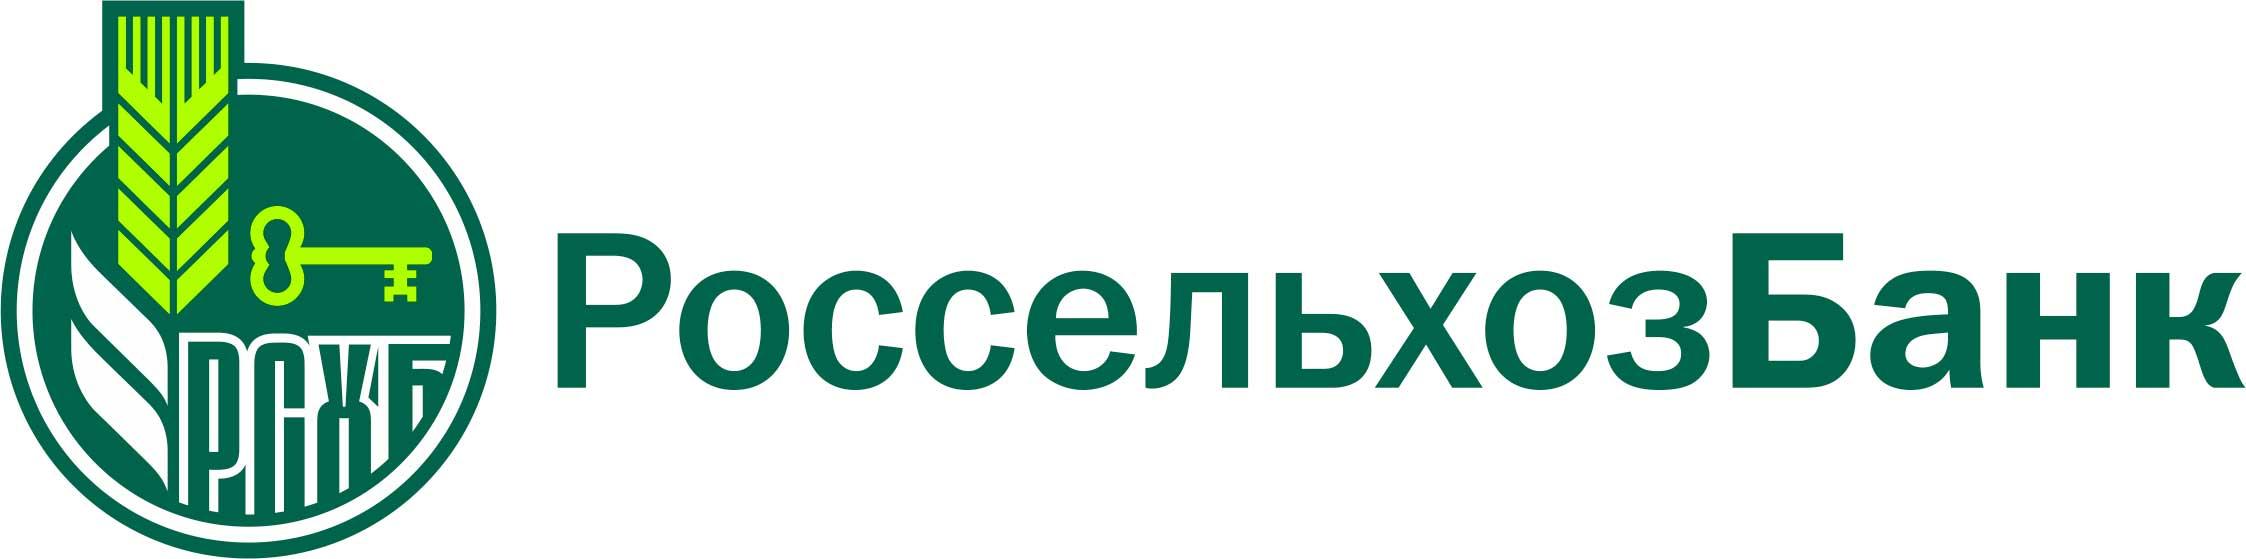 Изображение - Топ 100 банков россии 2019 1-10